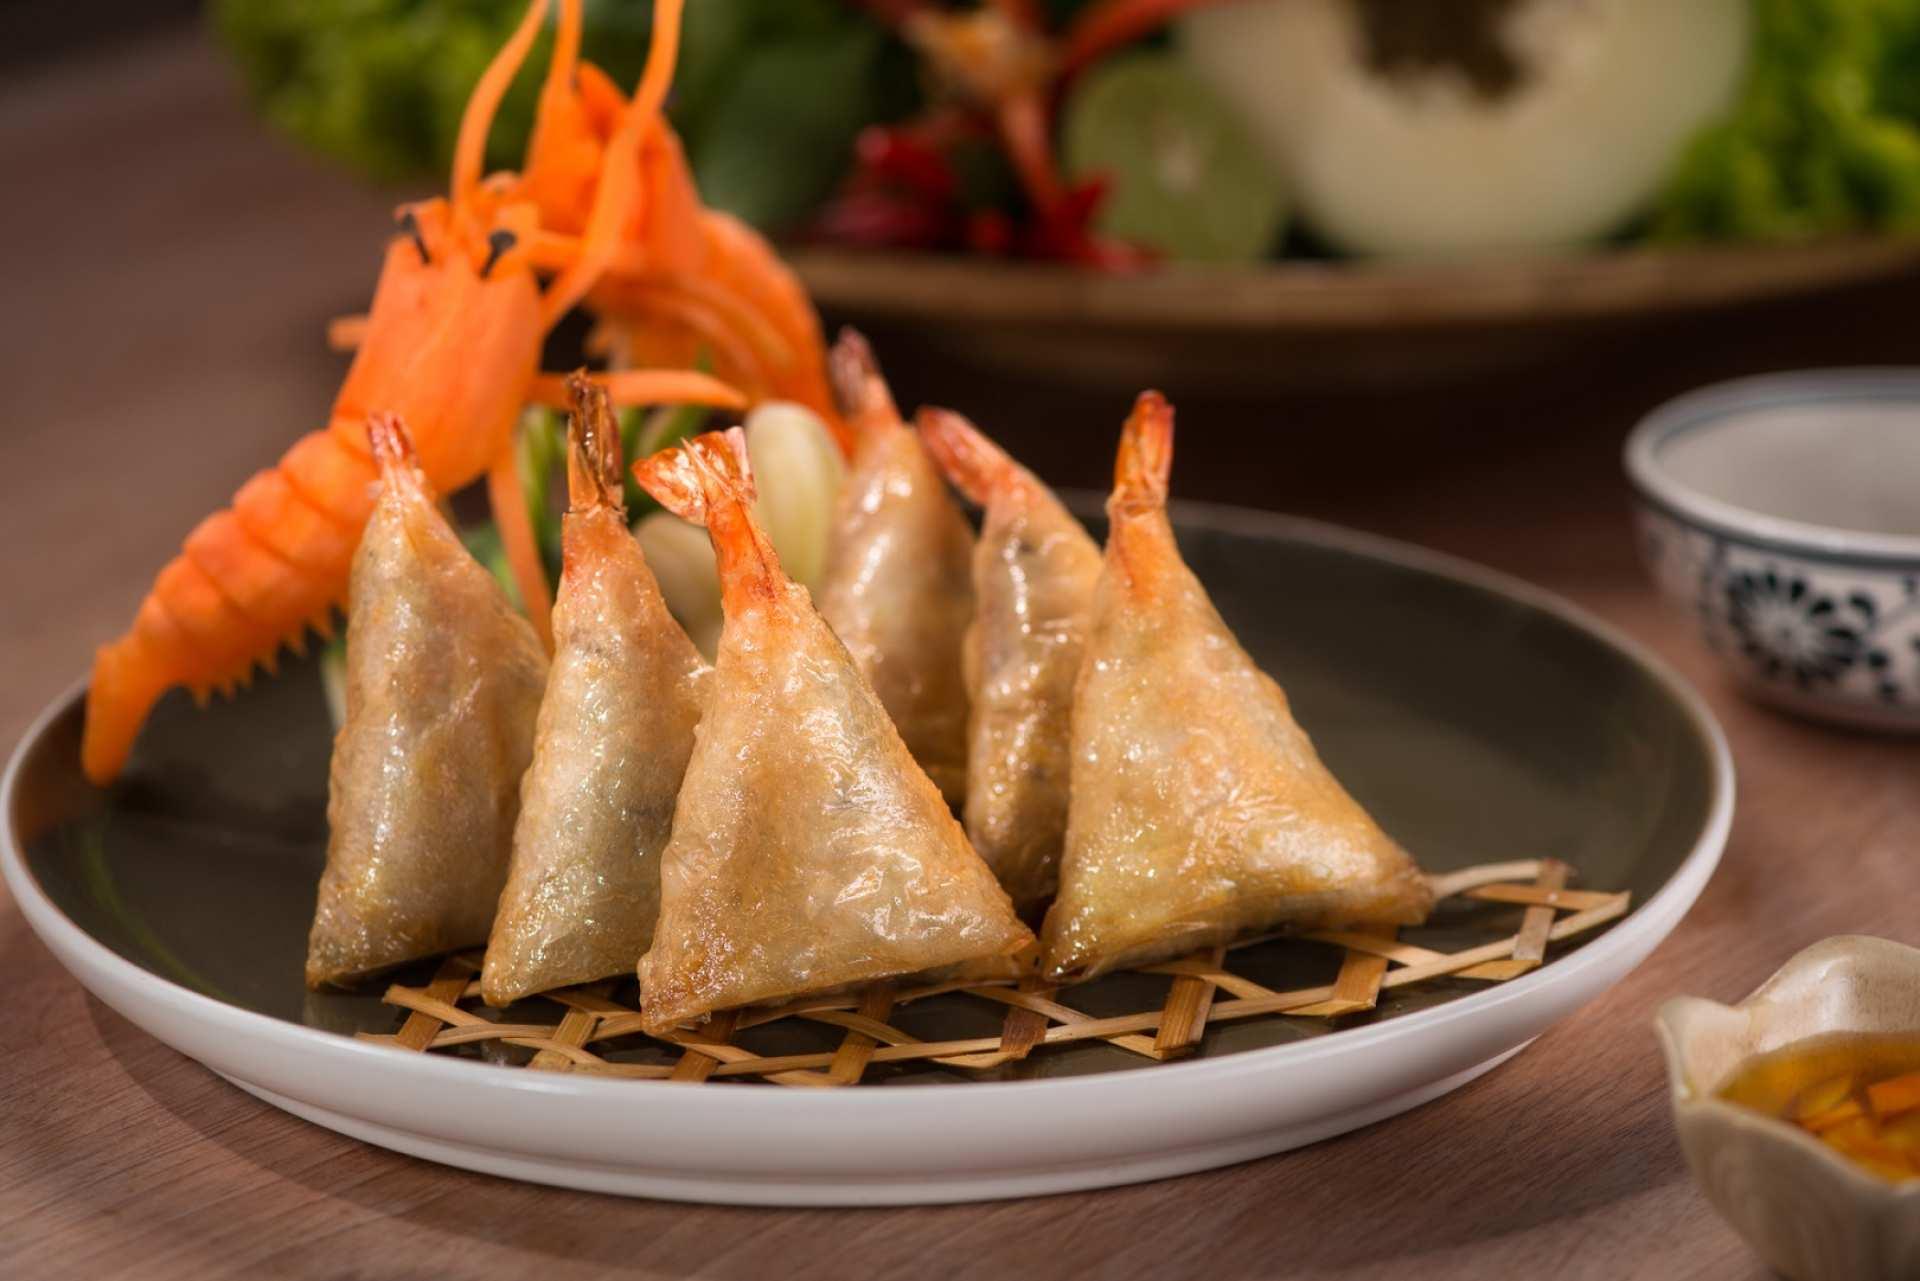 【全球認可絕佳餐廳】Mandarine 餐廳中式、越式料理體驗